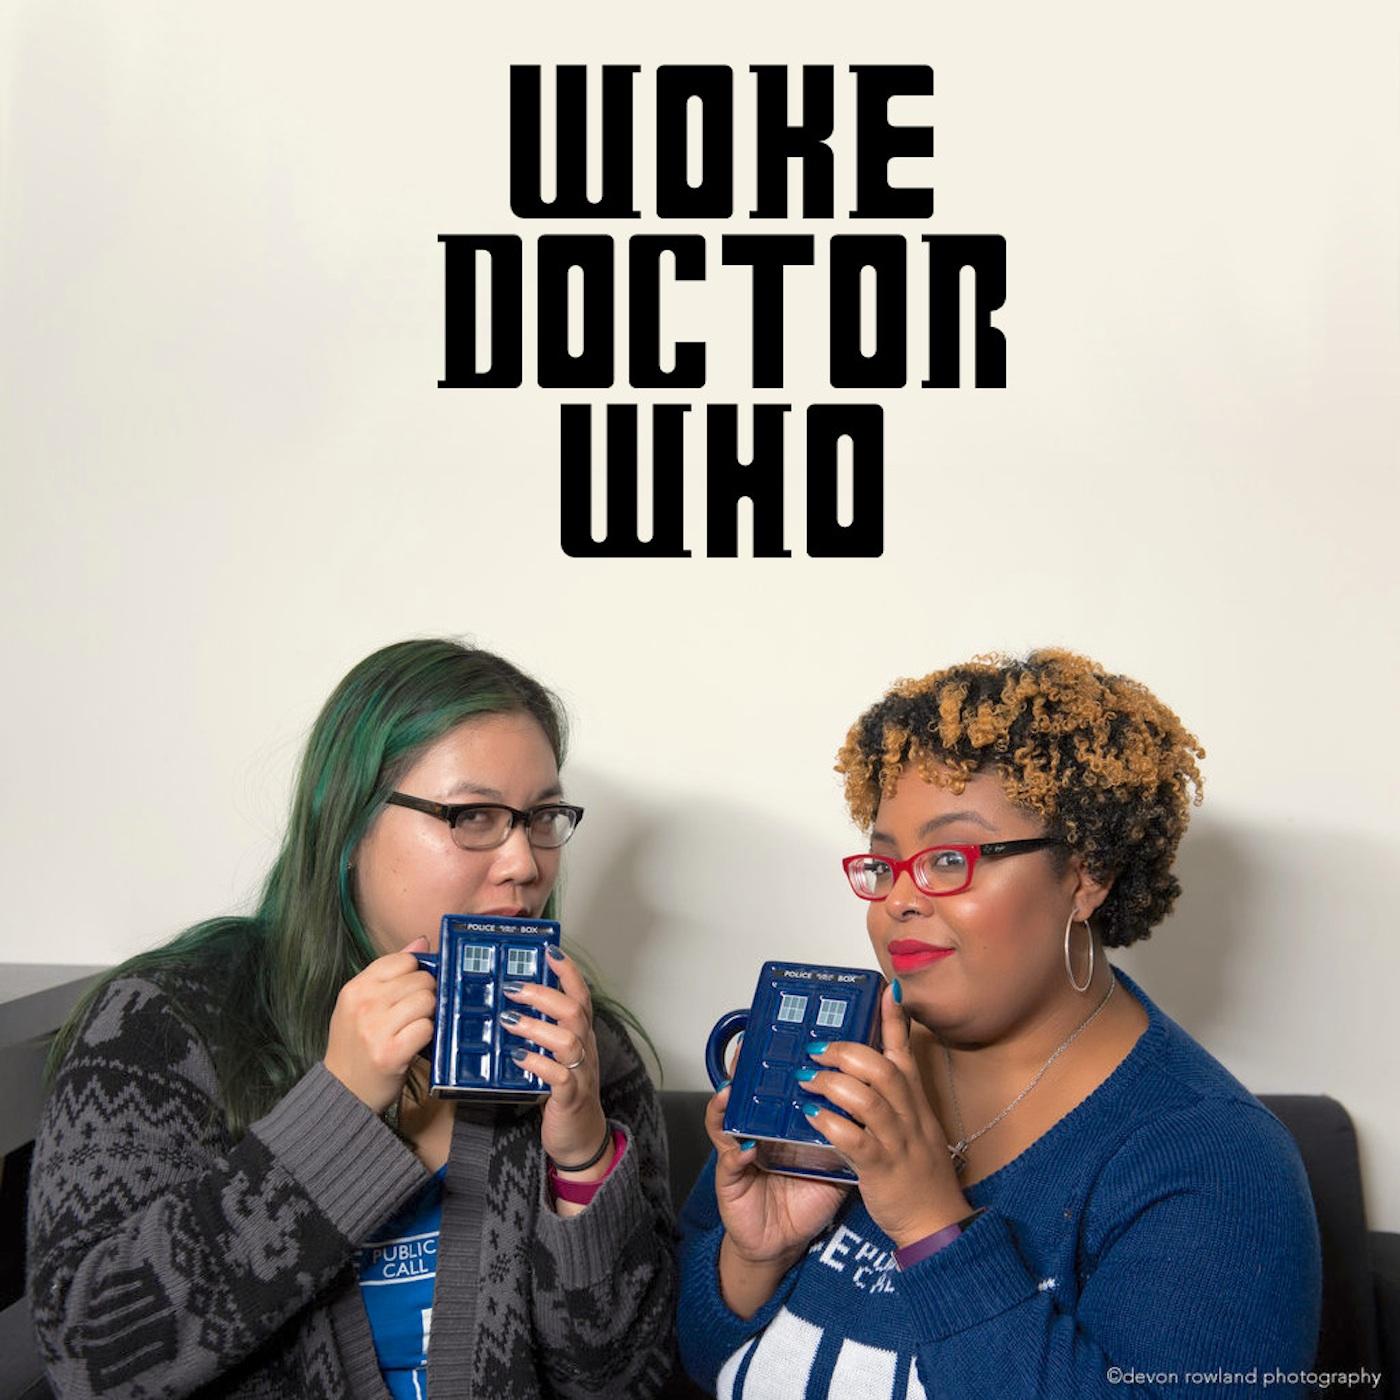 Woke Doctor Who